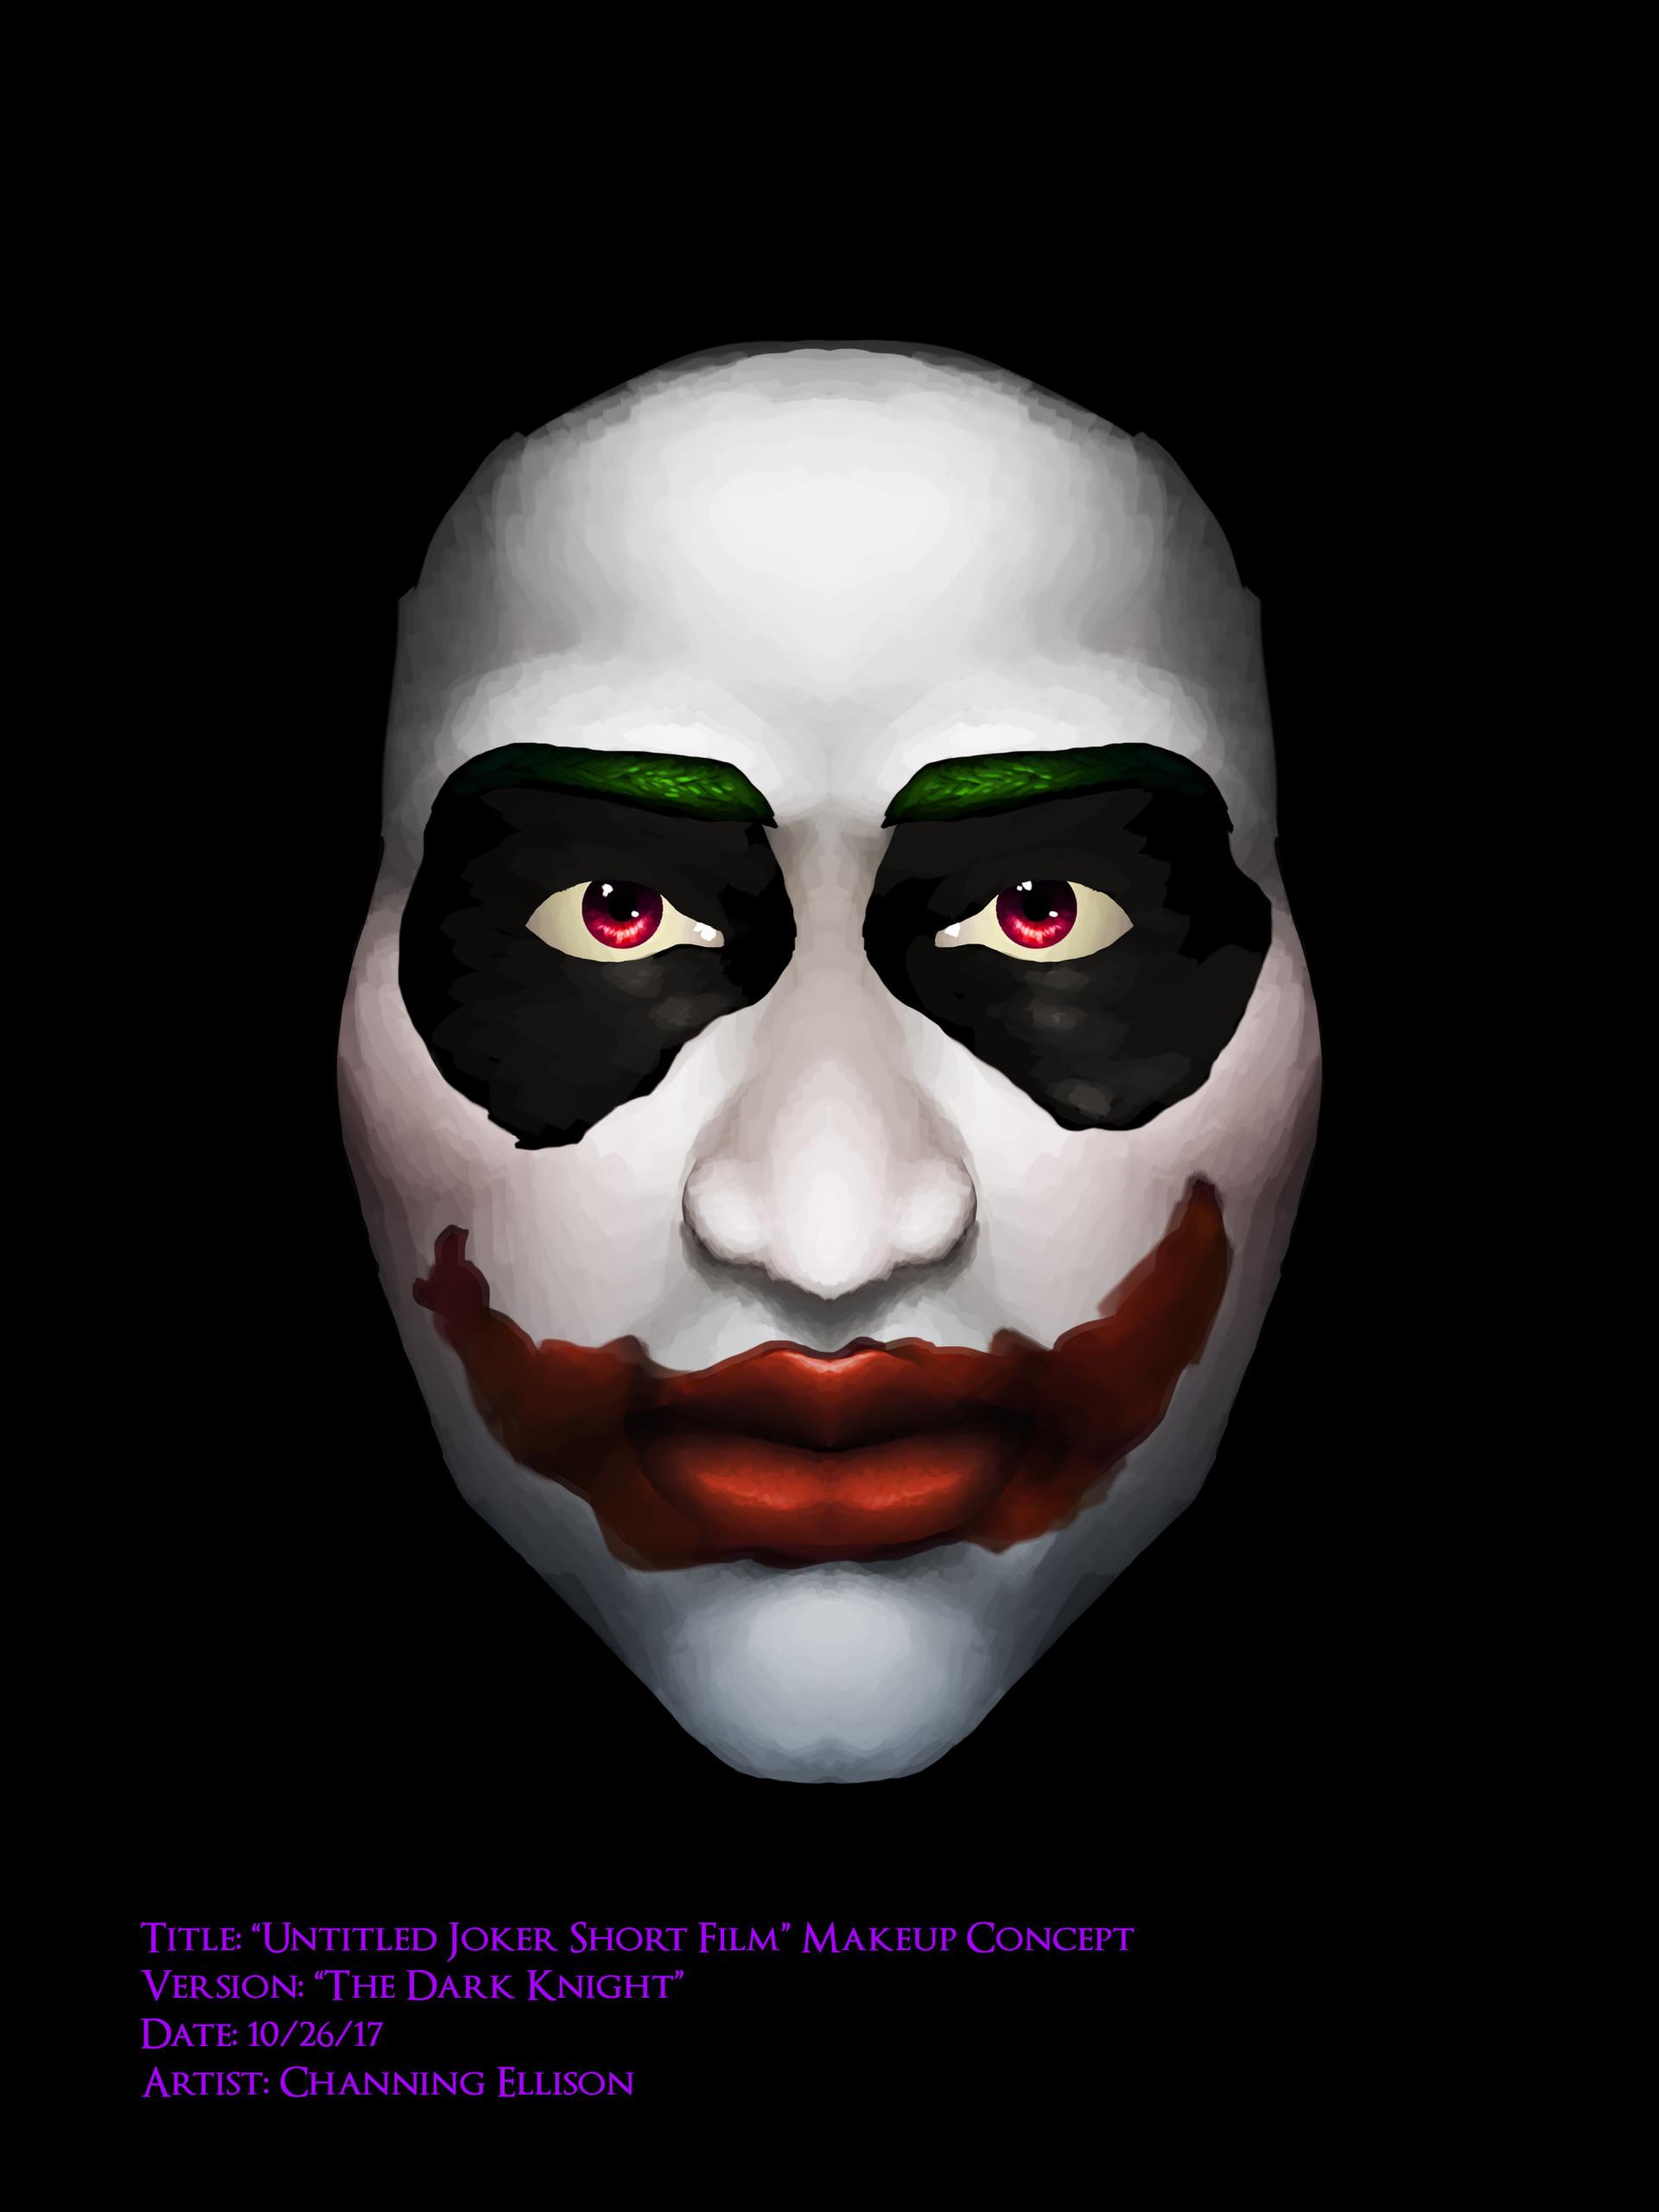 artstation - untitled joker short film makeup concept, channing ellison